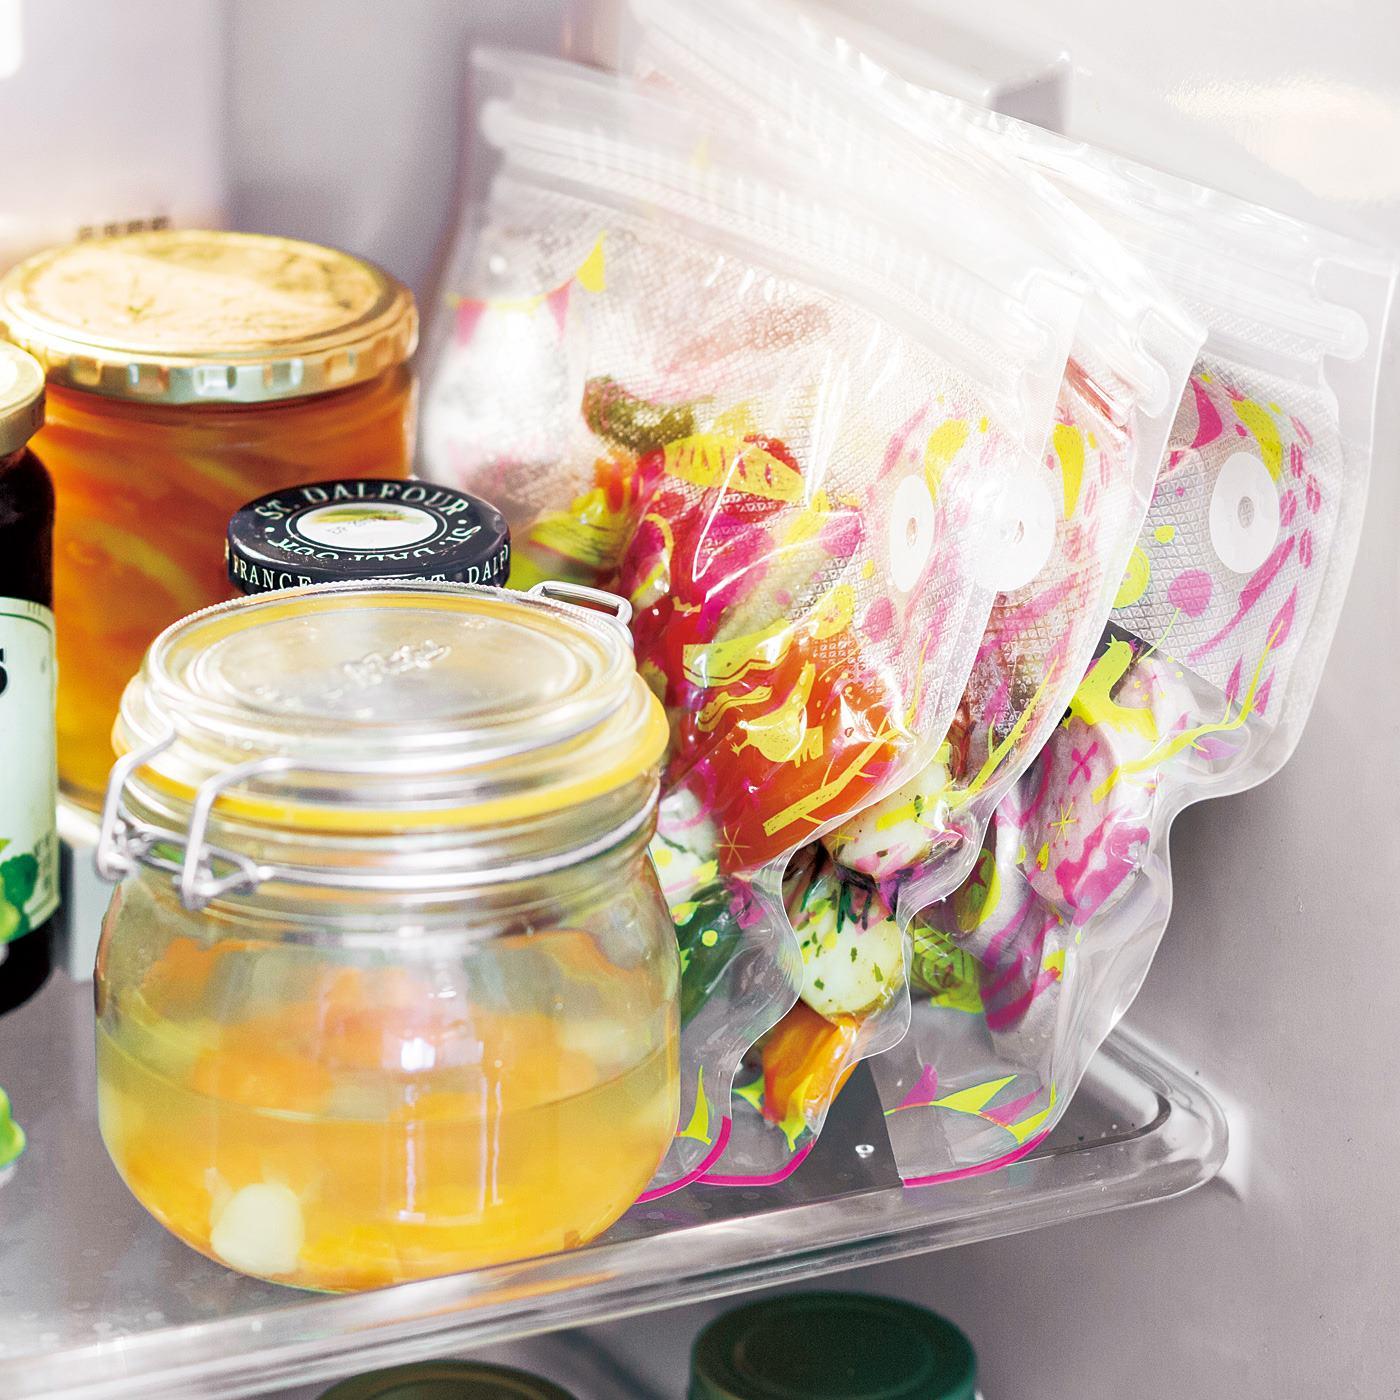 冷蔵・冷凍庫内の省スペース化にもお役立ち。